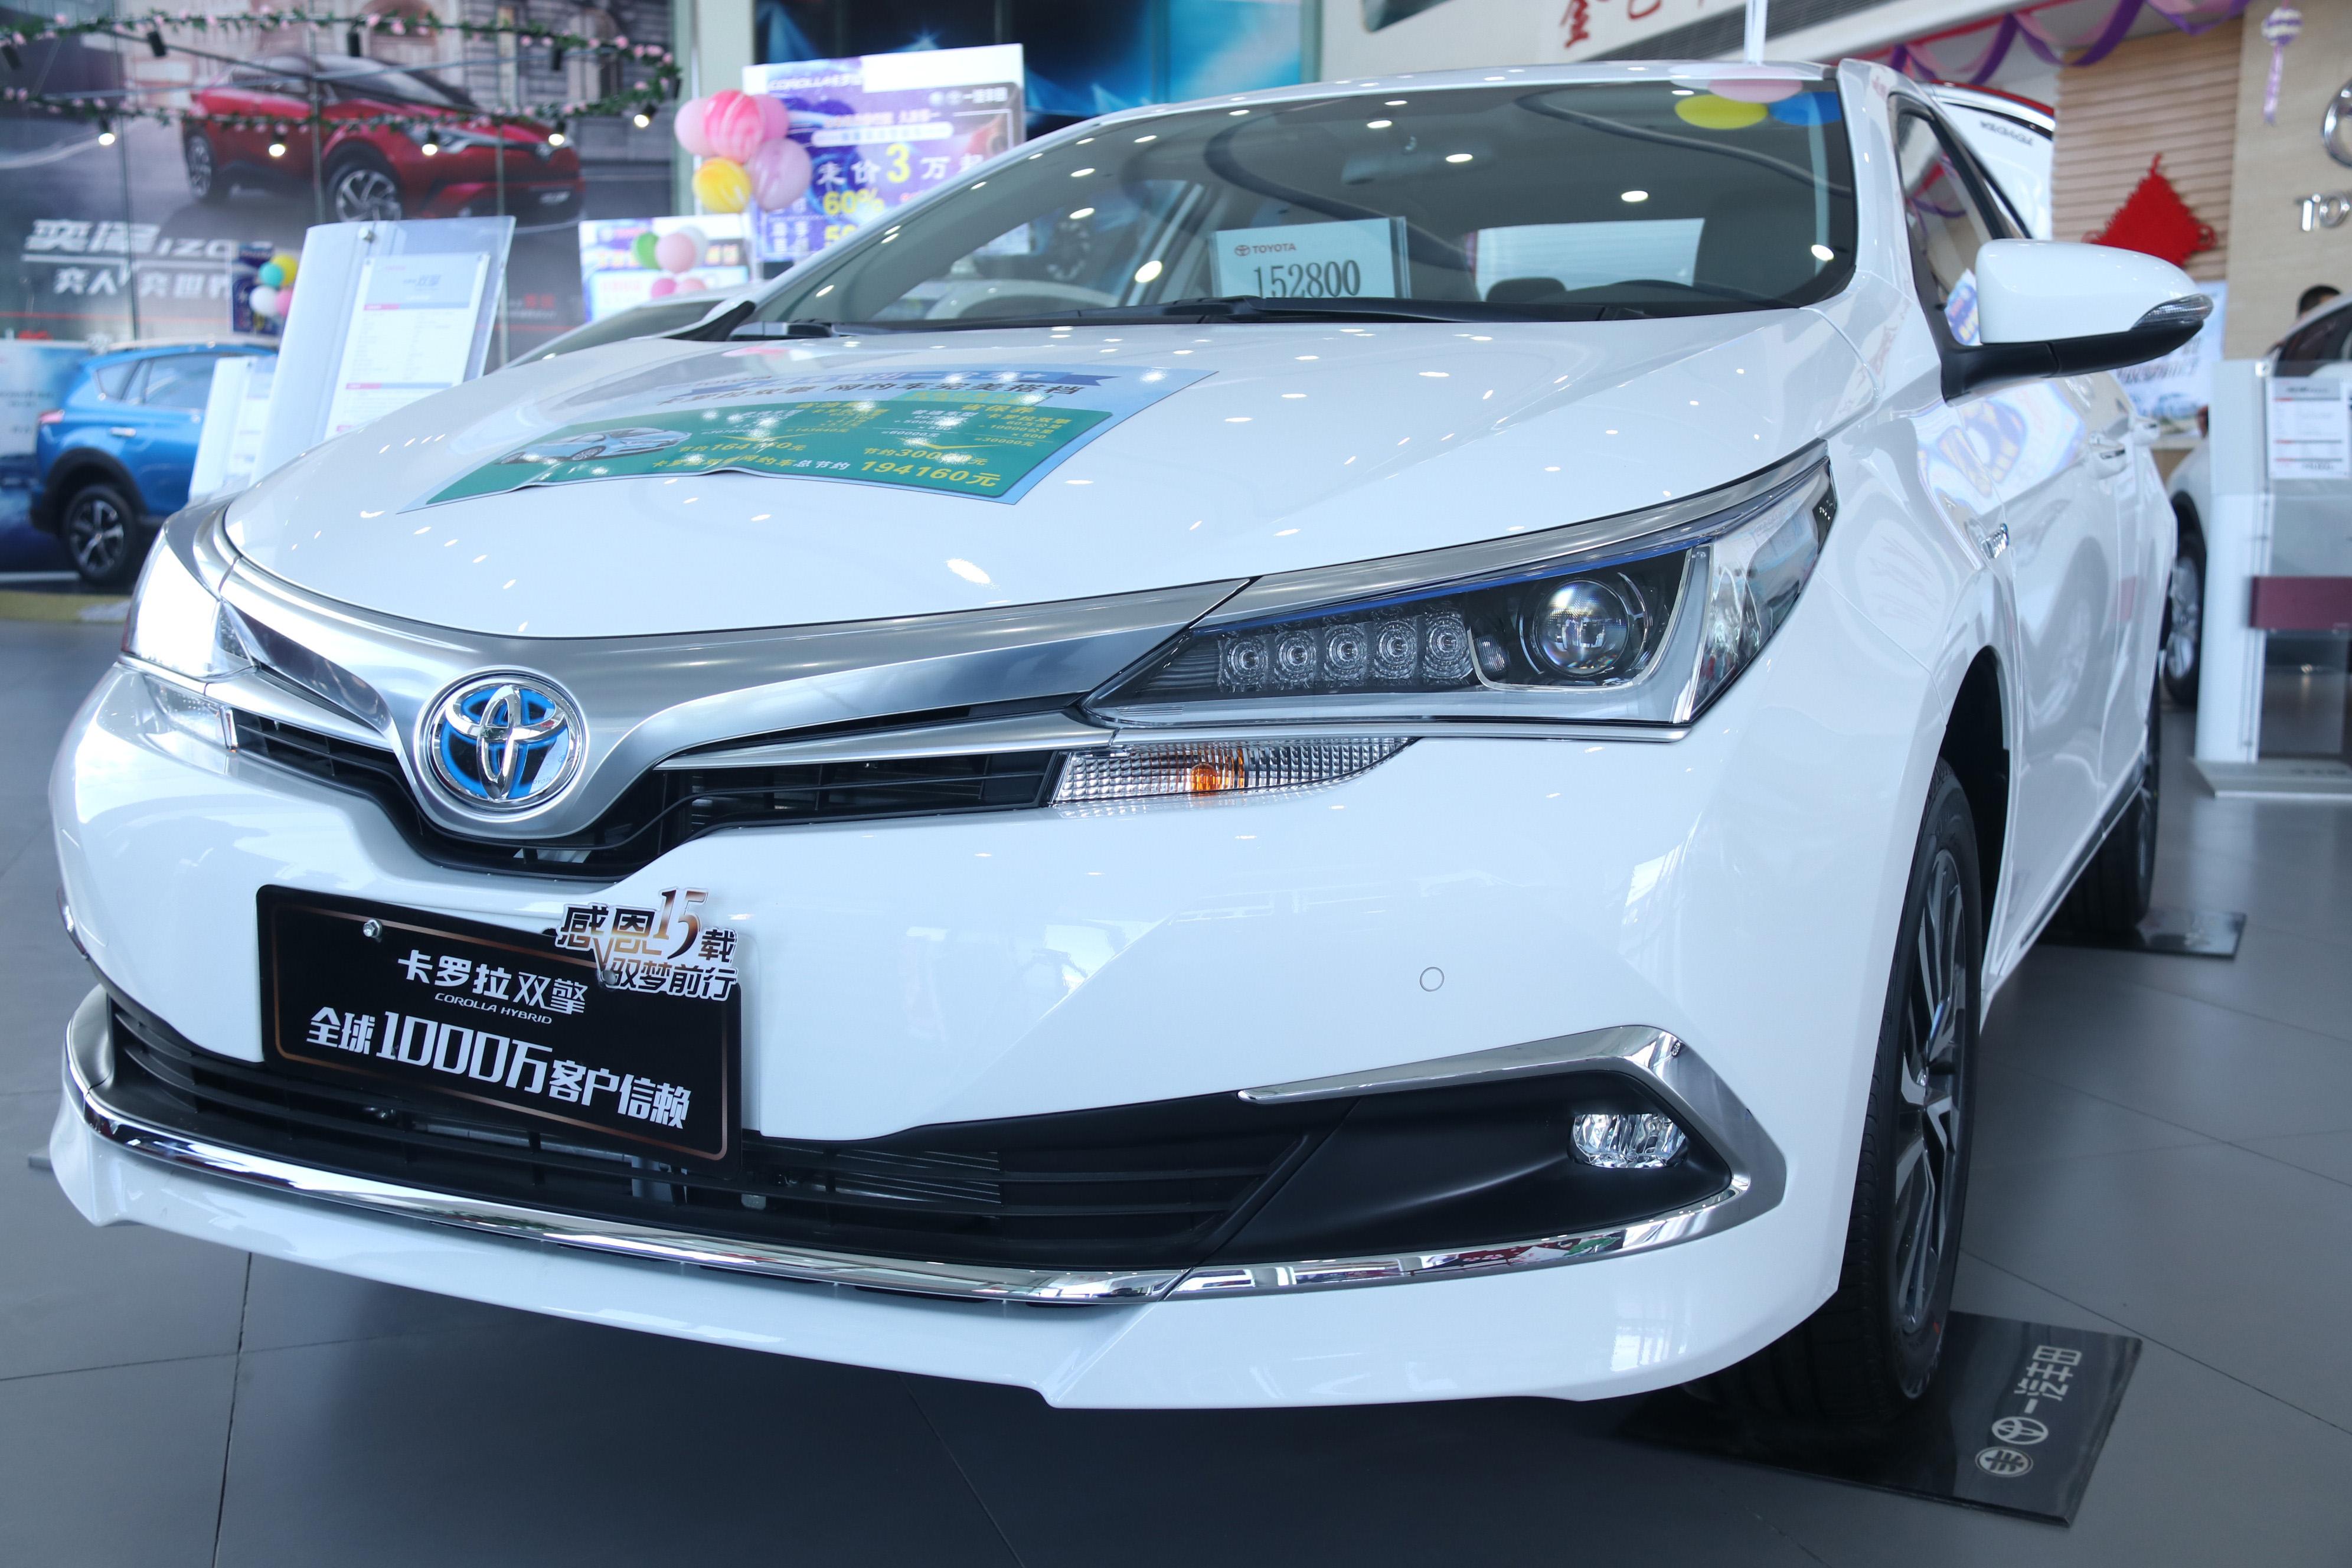 实拍新款油电混动一汽丰田1.8l卡罗拉,燃油经济,还买